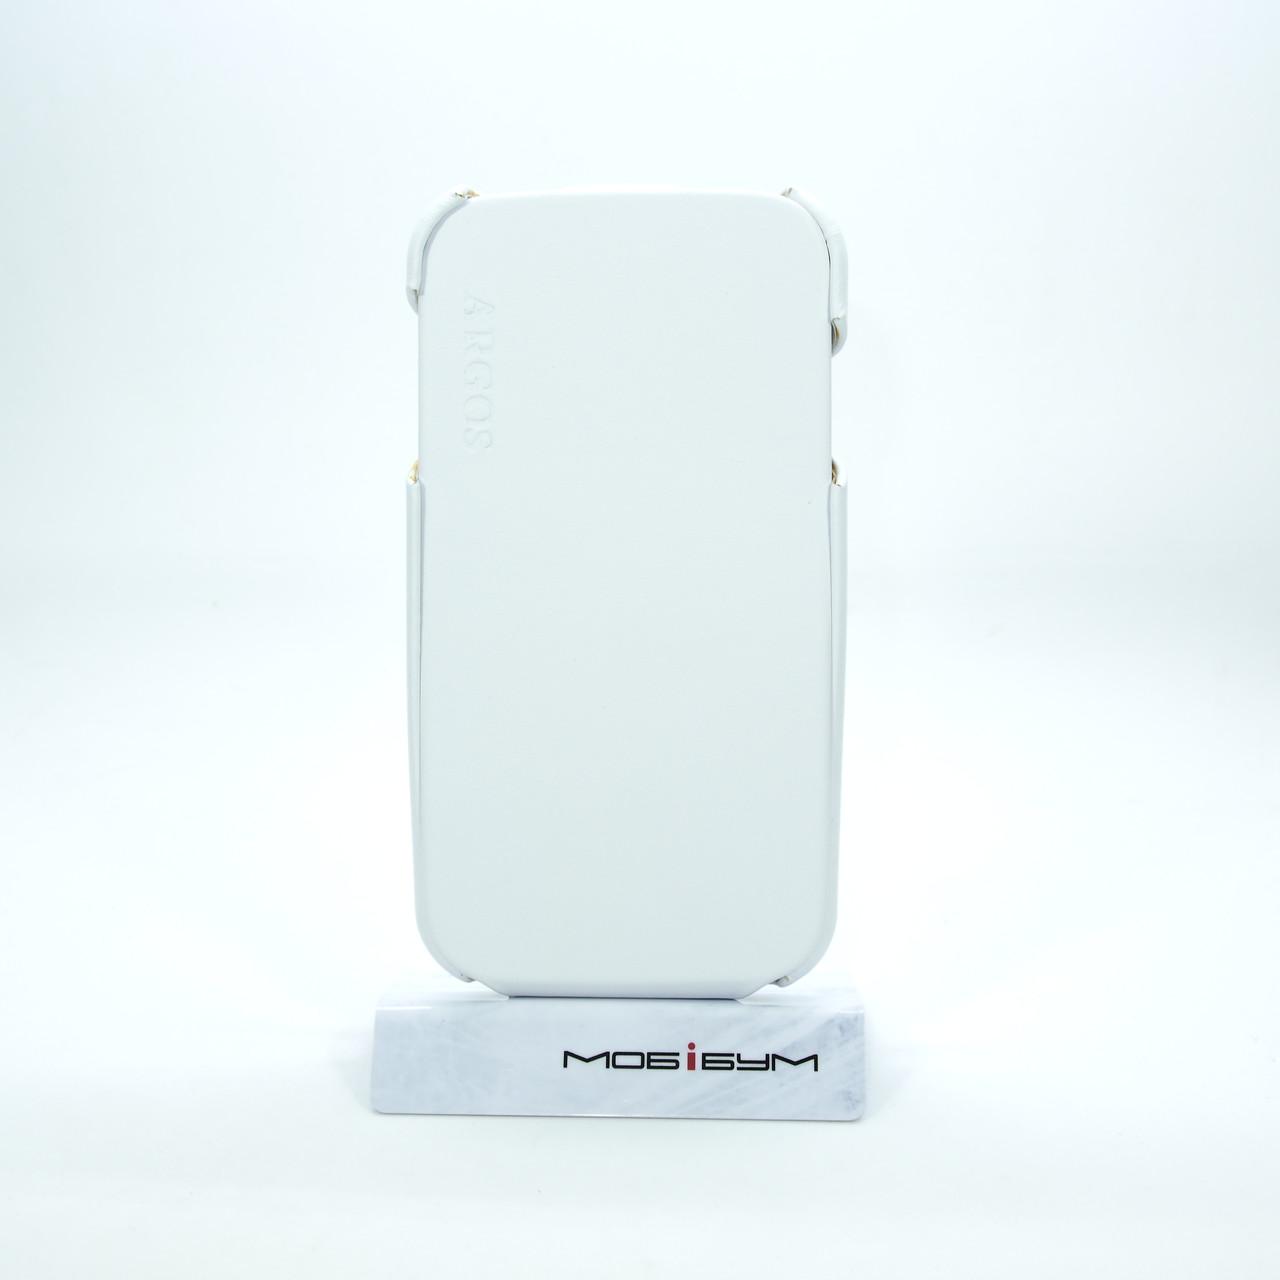 Чехол Spigen Argos Samsung Galaxy S4 (SGP10226) EAN/UPC: 880935361513